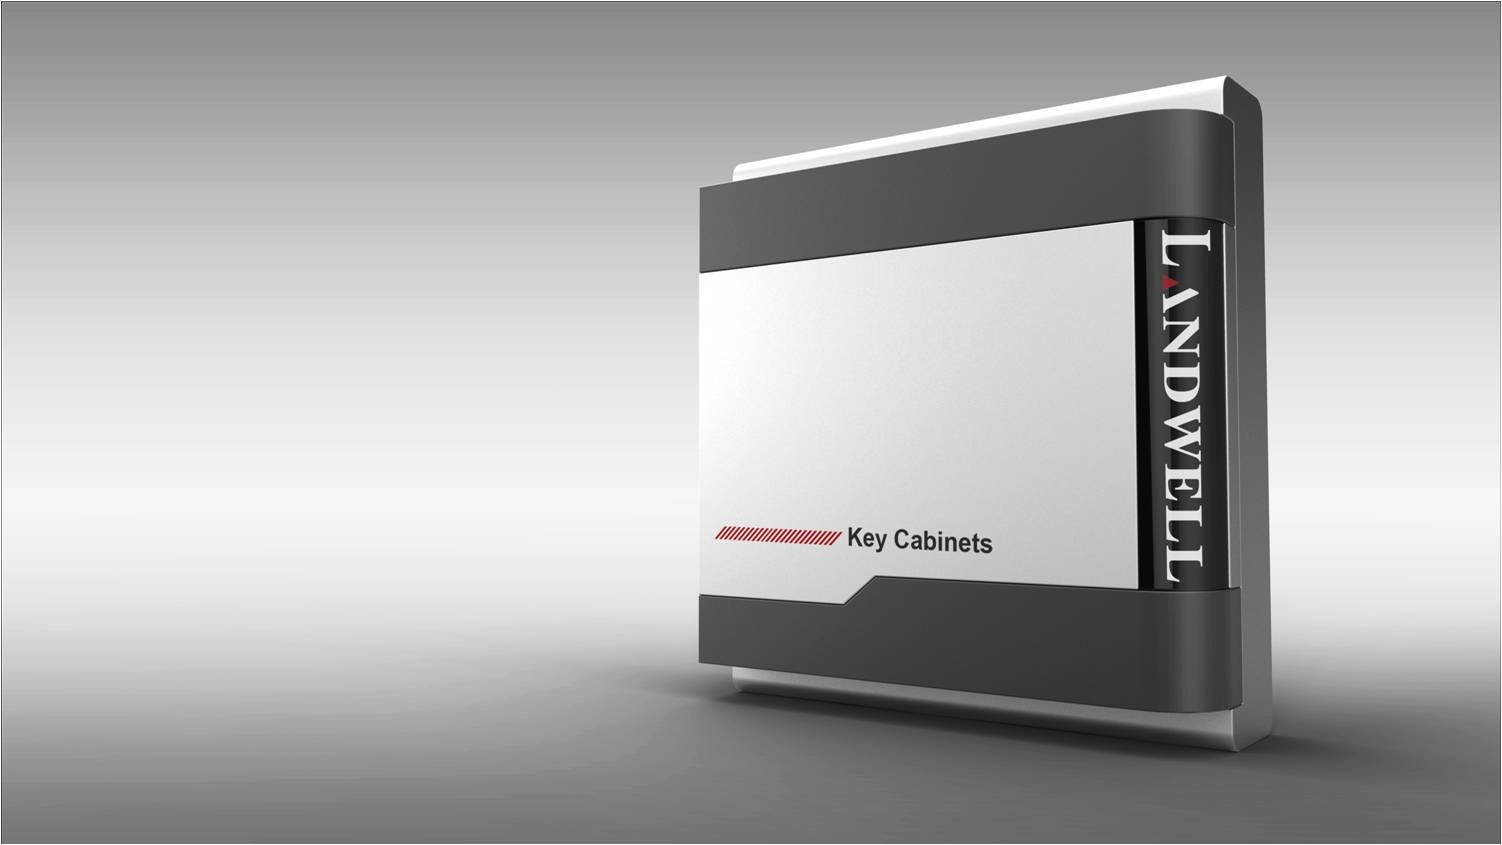 产品外观及结构设计产品图信息来自斯巴科(北京)科技有限公司 http